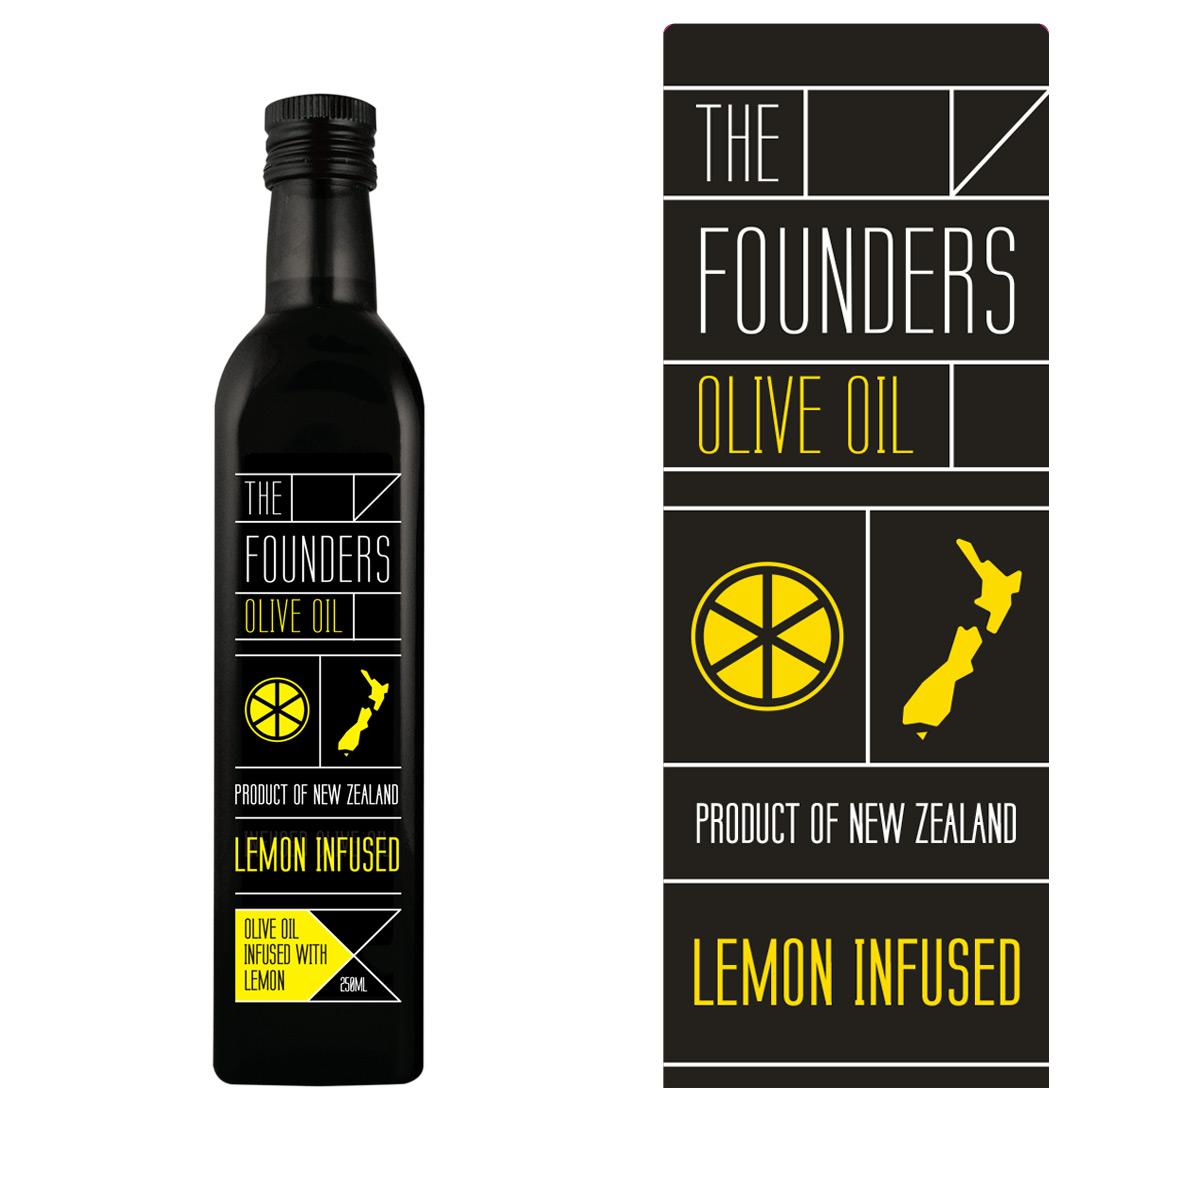 The-Founders-Olive-Oil-Lemon-250ml-1200×1200